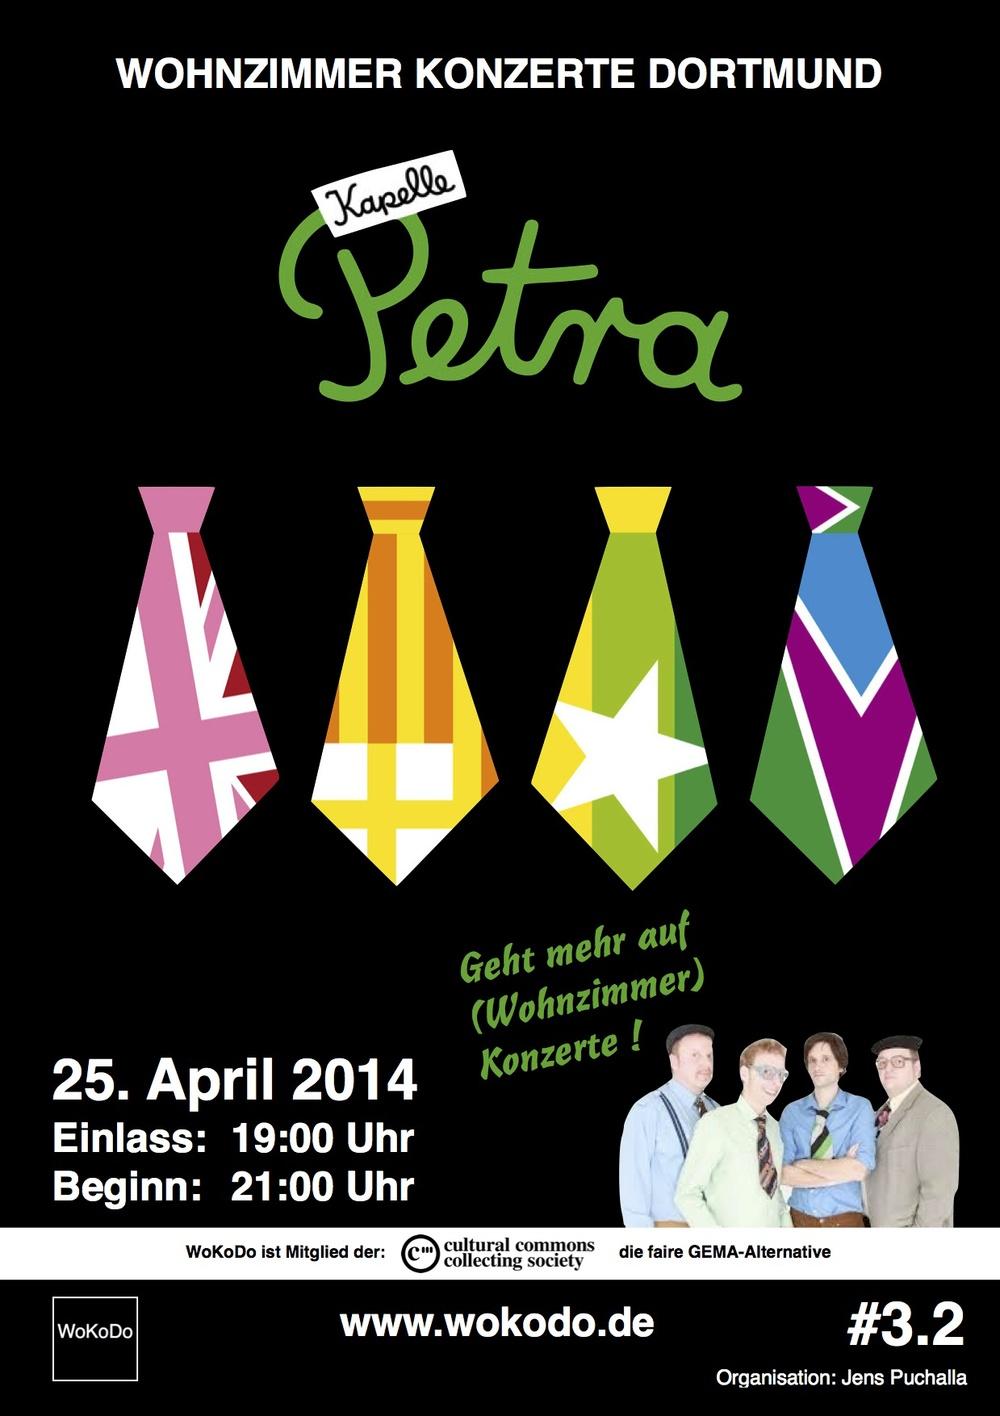 Wohnzimmerkonzert 32 Wohnzimmer Konzerte Dortmund